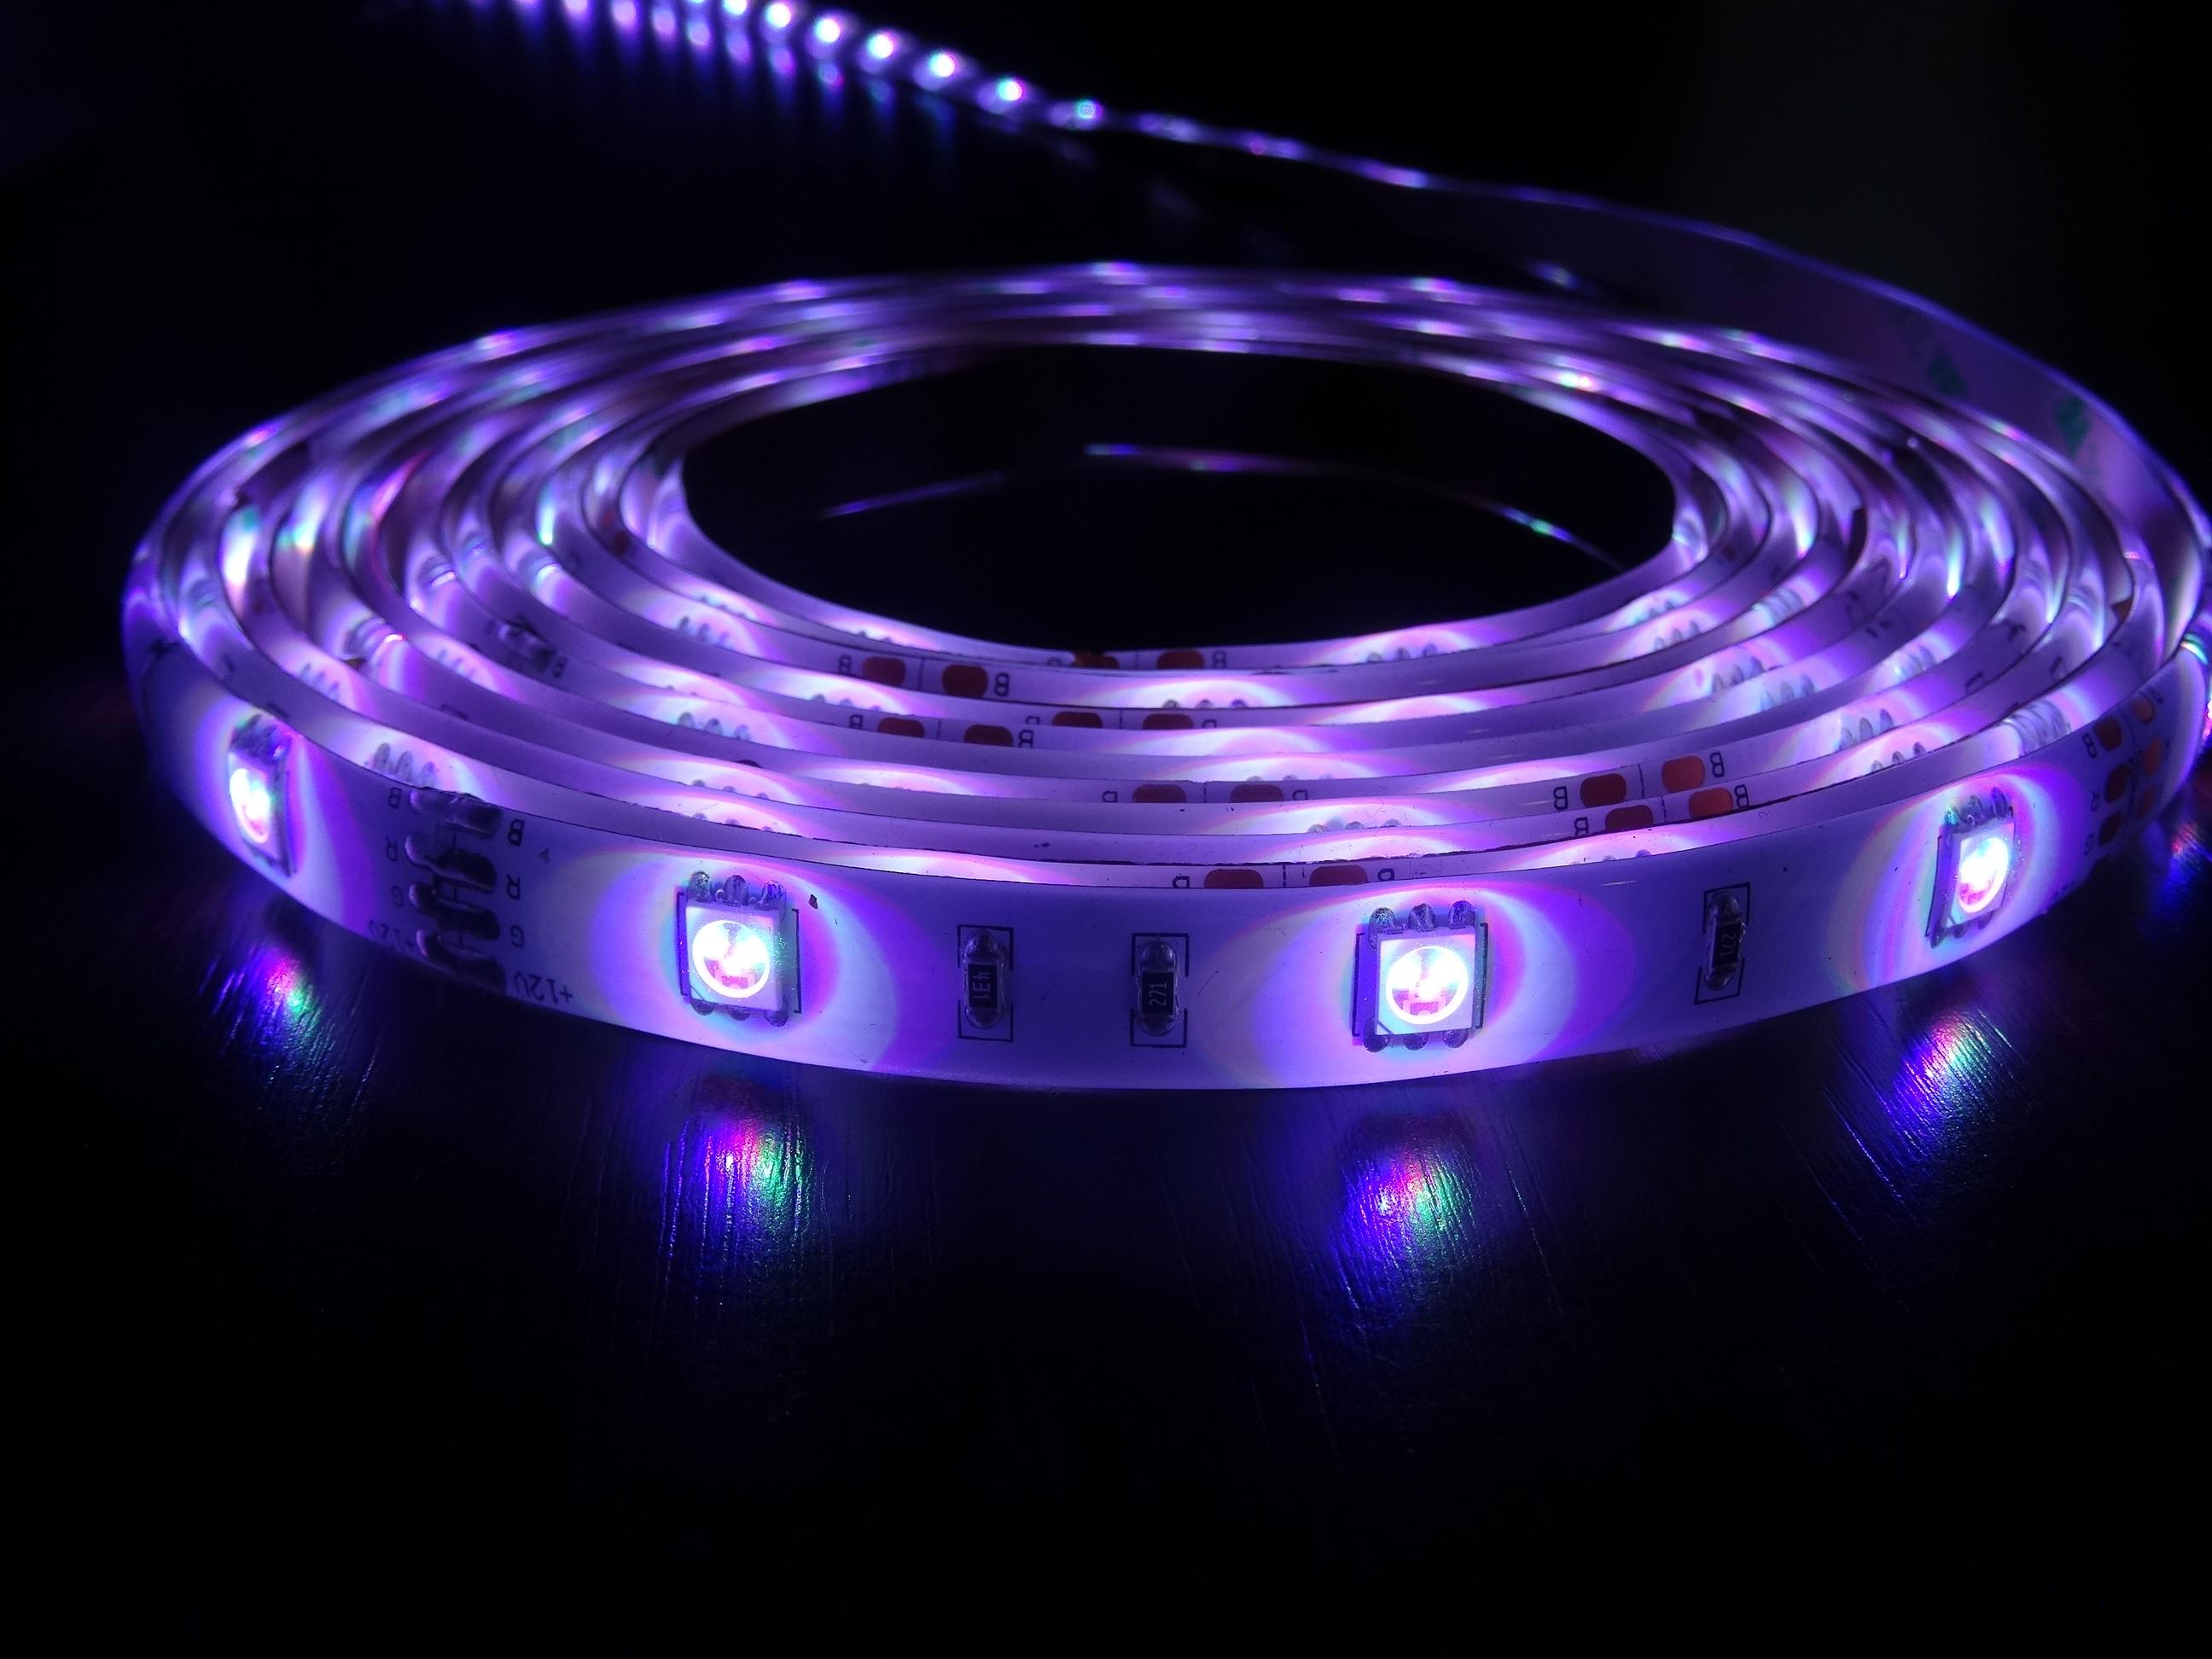 rgb led streifen fernbedienung leucht streifen 12v 2a 150 led 24 farben ip 20 wohnen und. Black Bedroom Furniture Sets. Home Design Ideas